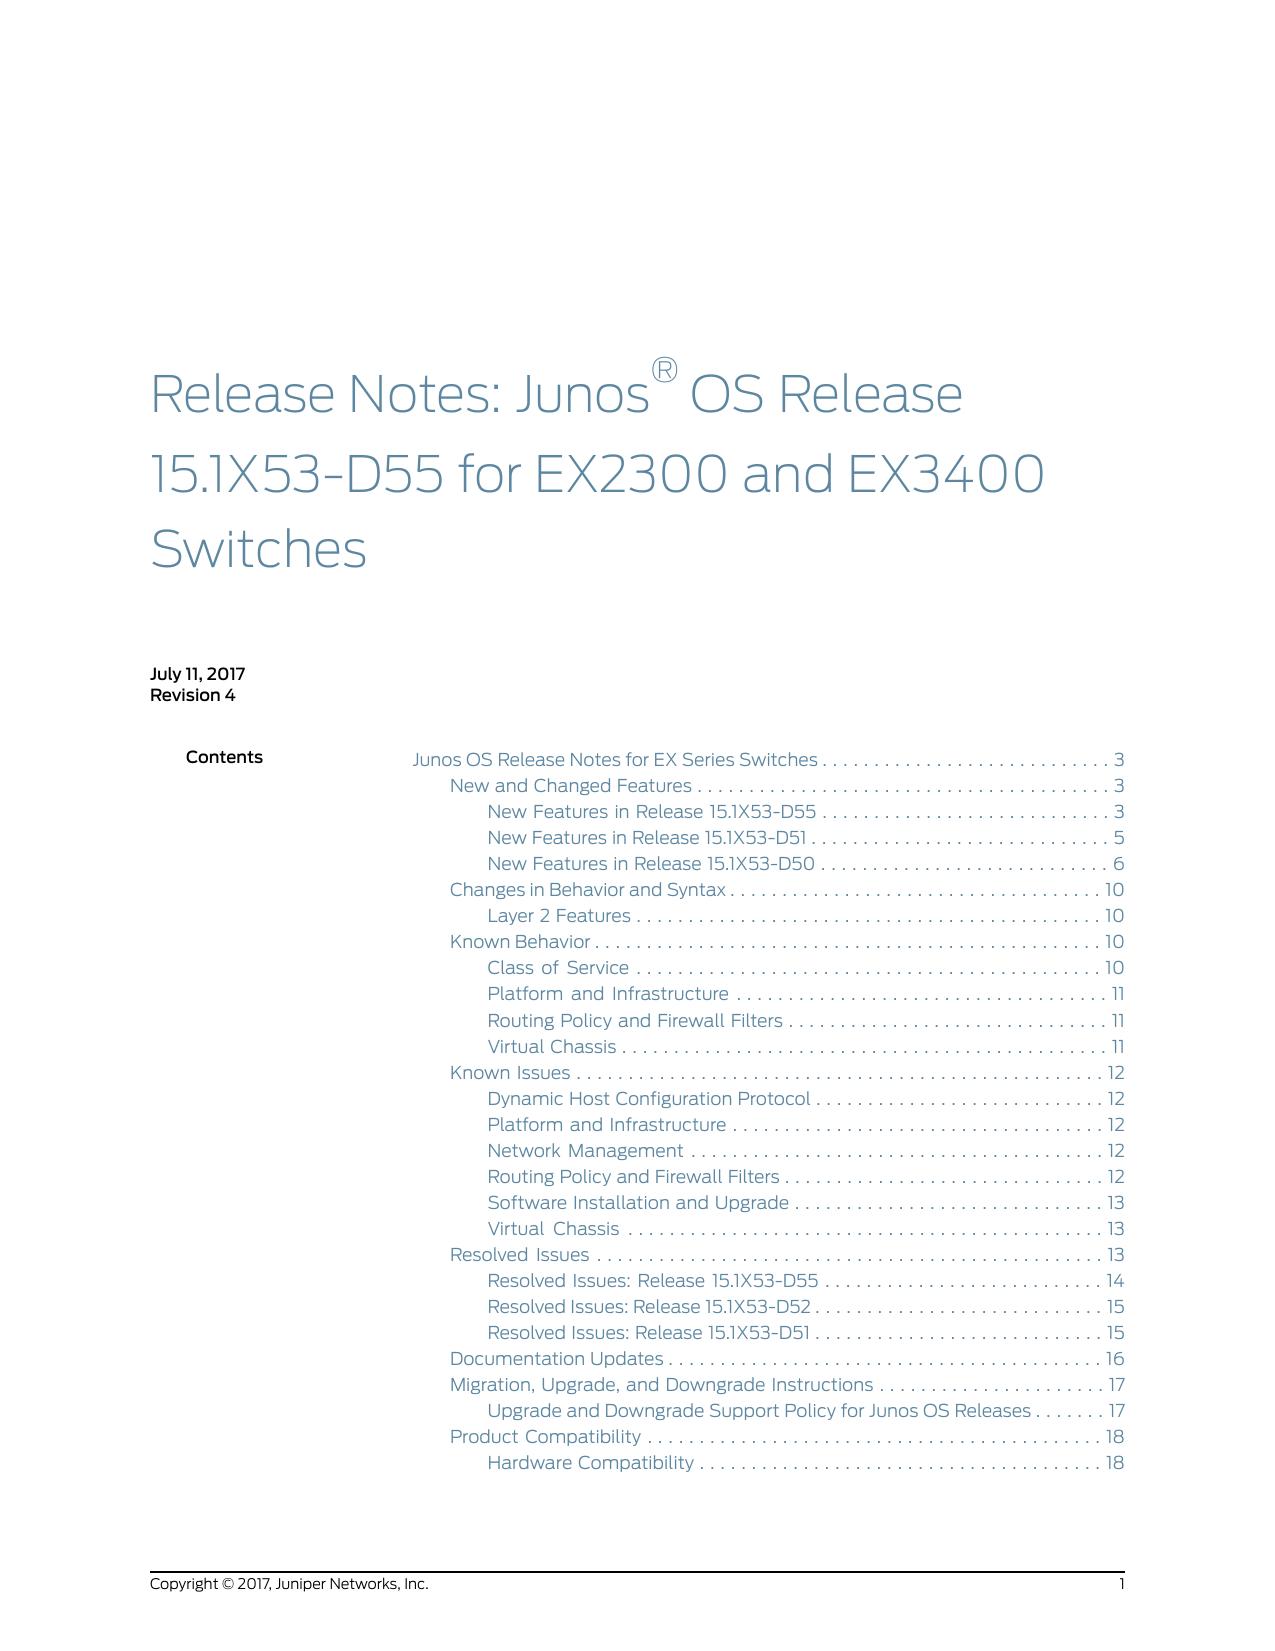 Release Notes: Junos® OS Release 15 1X53 | manualzz com